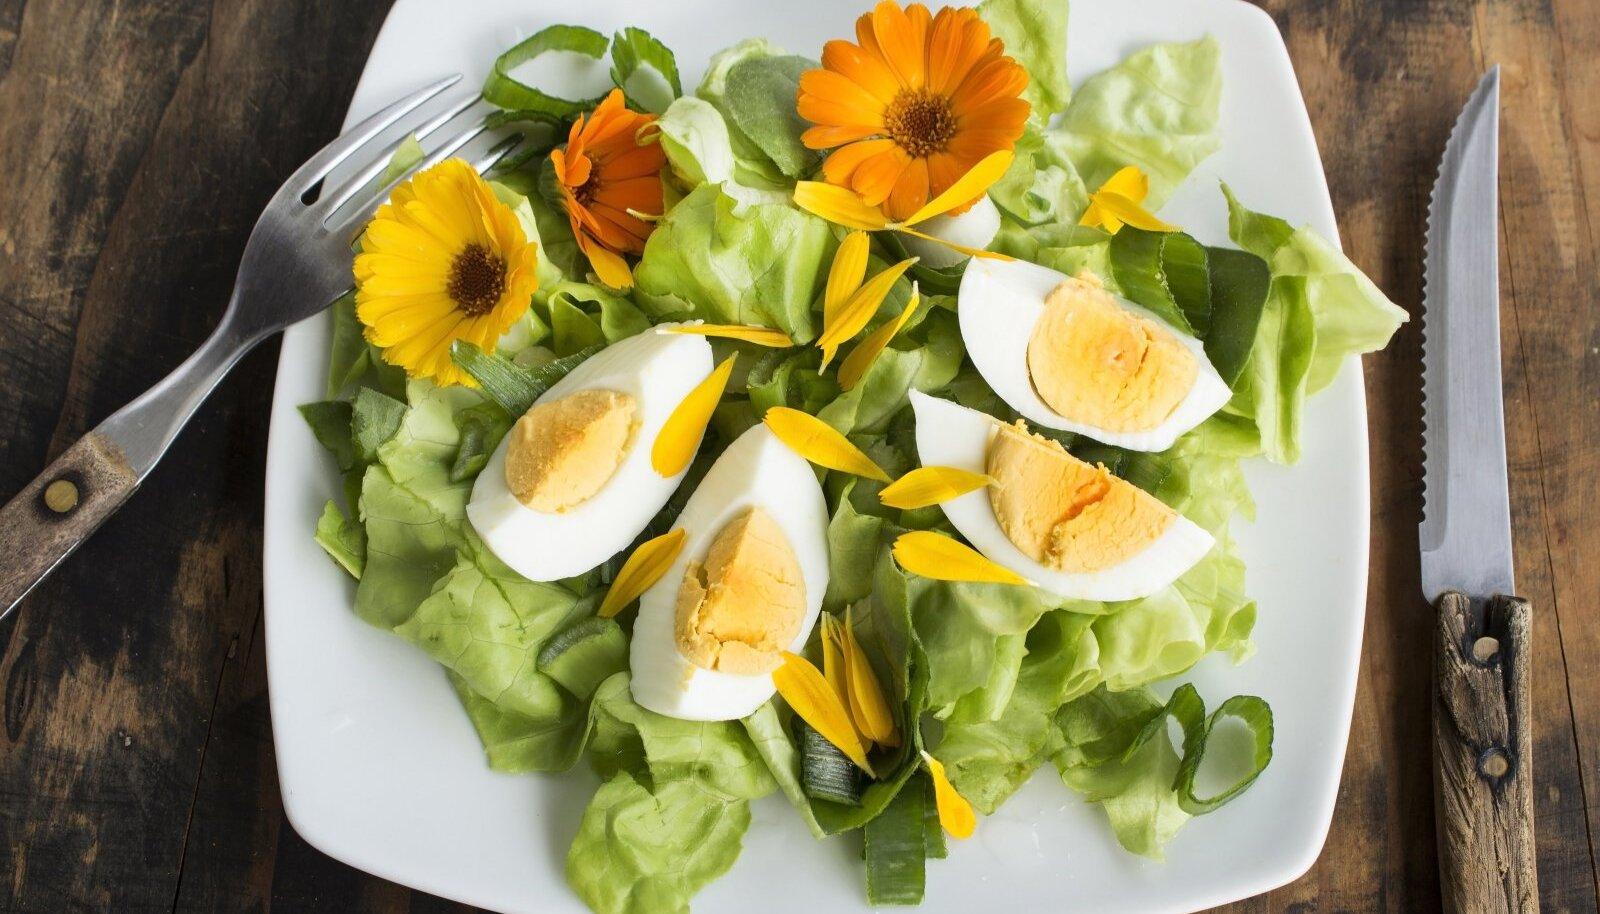 Söödavad saialille õied salatit kaunistamas.